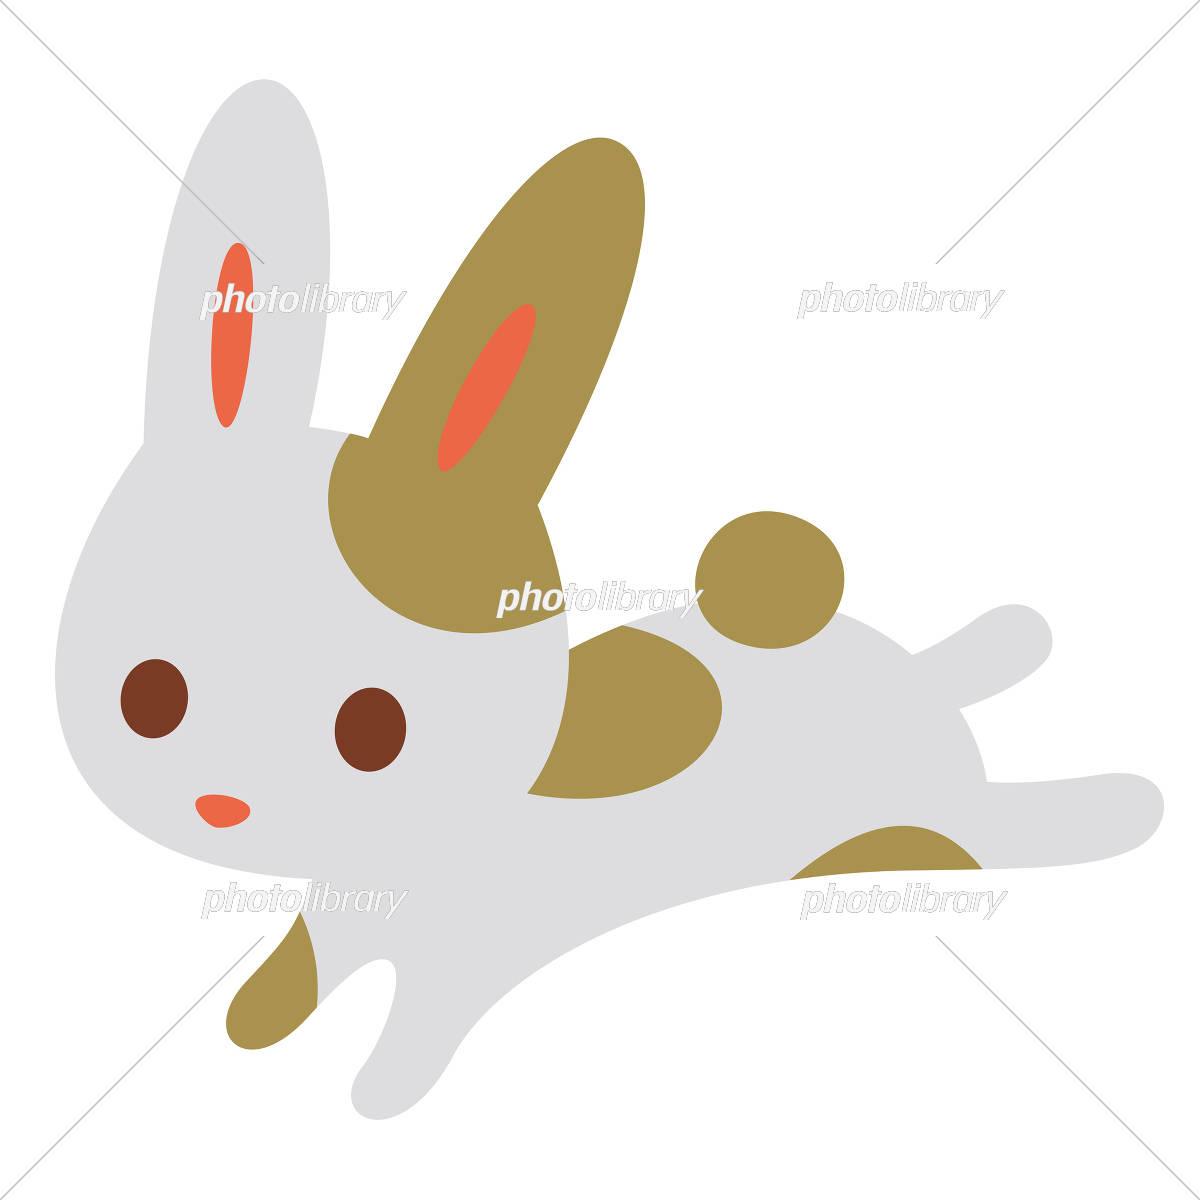 ウサギ ぶち模様 イラスト素材 5191476 フォトライブラリー